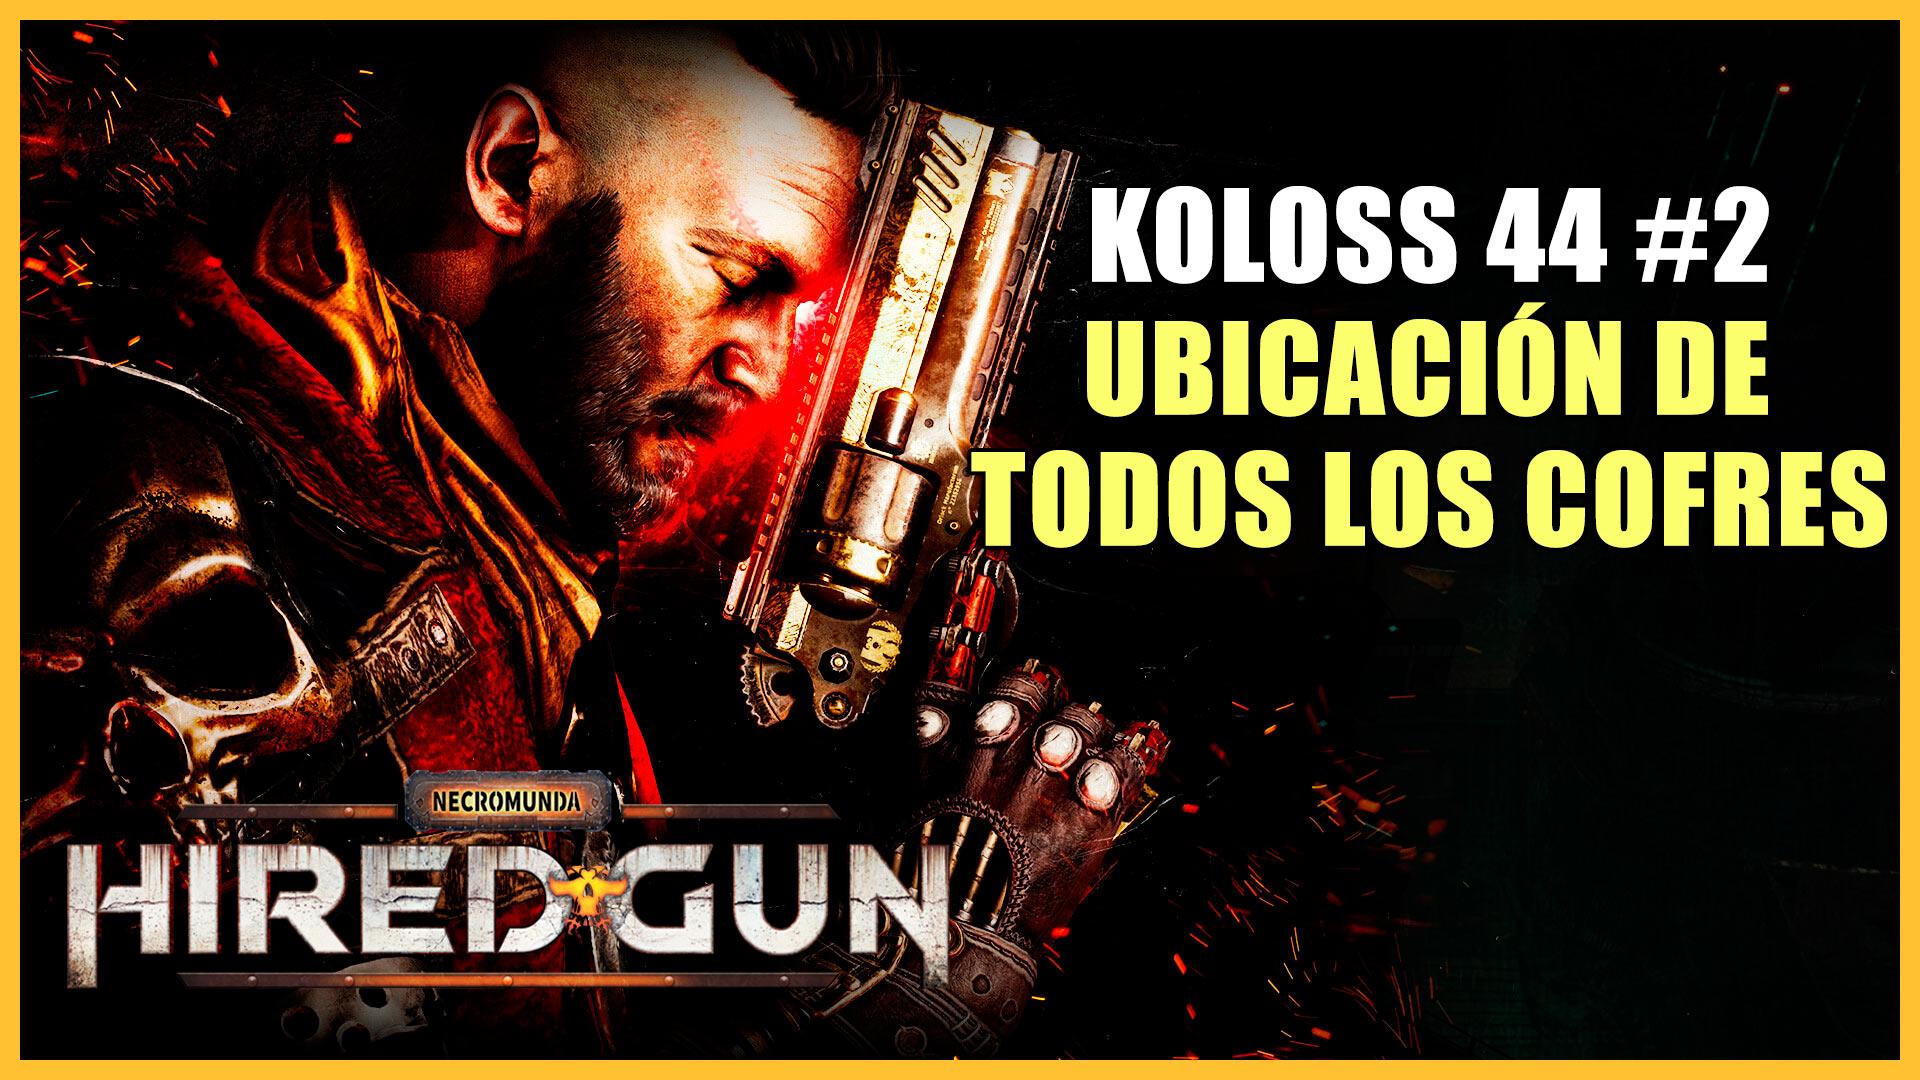 Cofres de Koloss 44 en Necromunda: Hired Gun